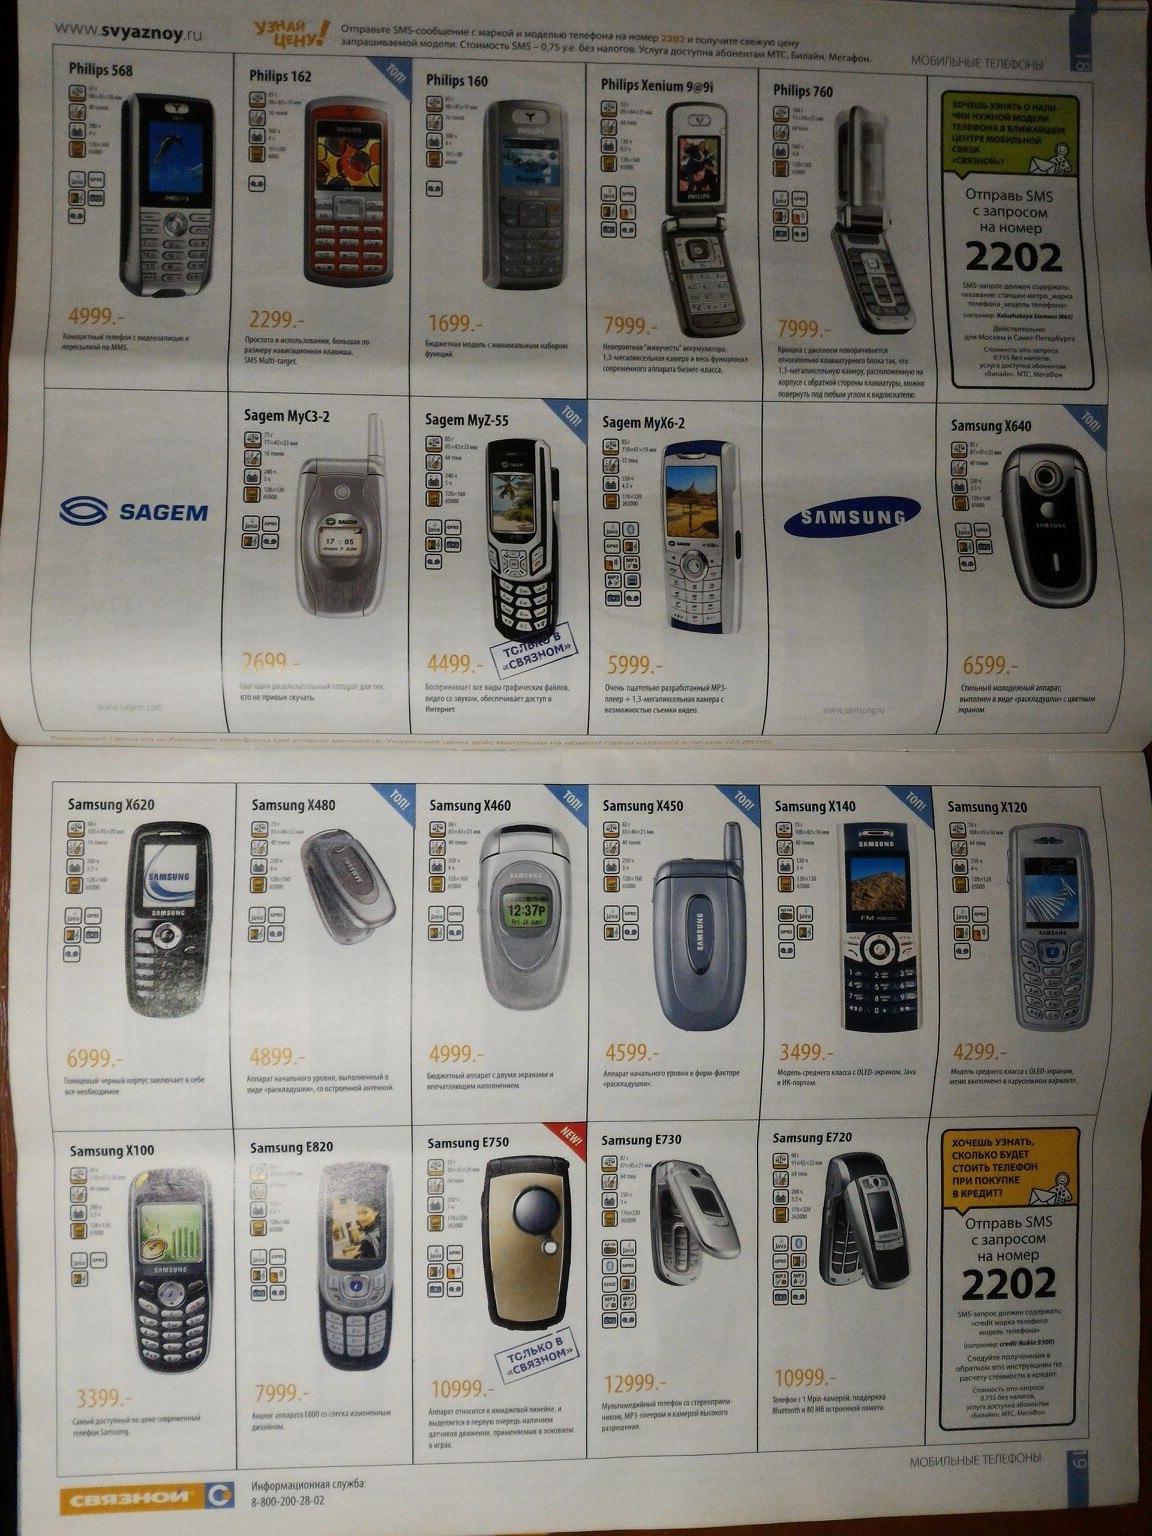 639401b430b8b Находка 10-летней давности Связной, Журнал, Телефон, Длиннопост, Ностальгия